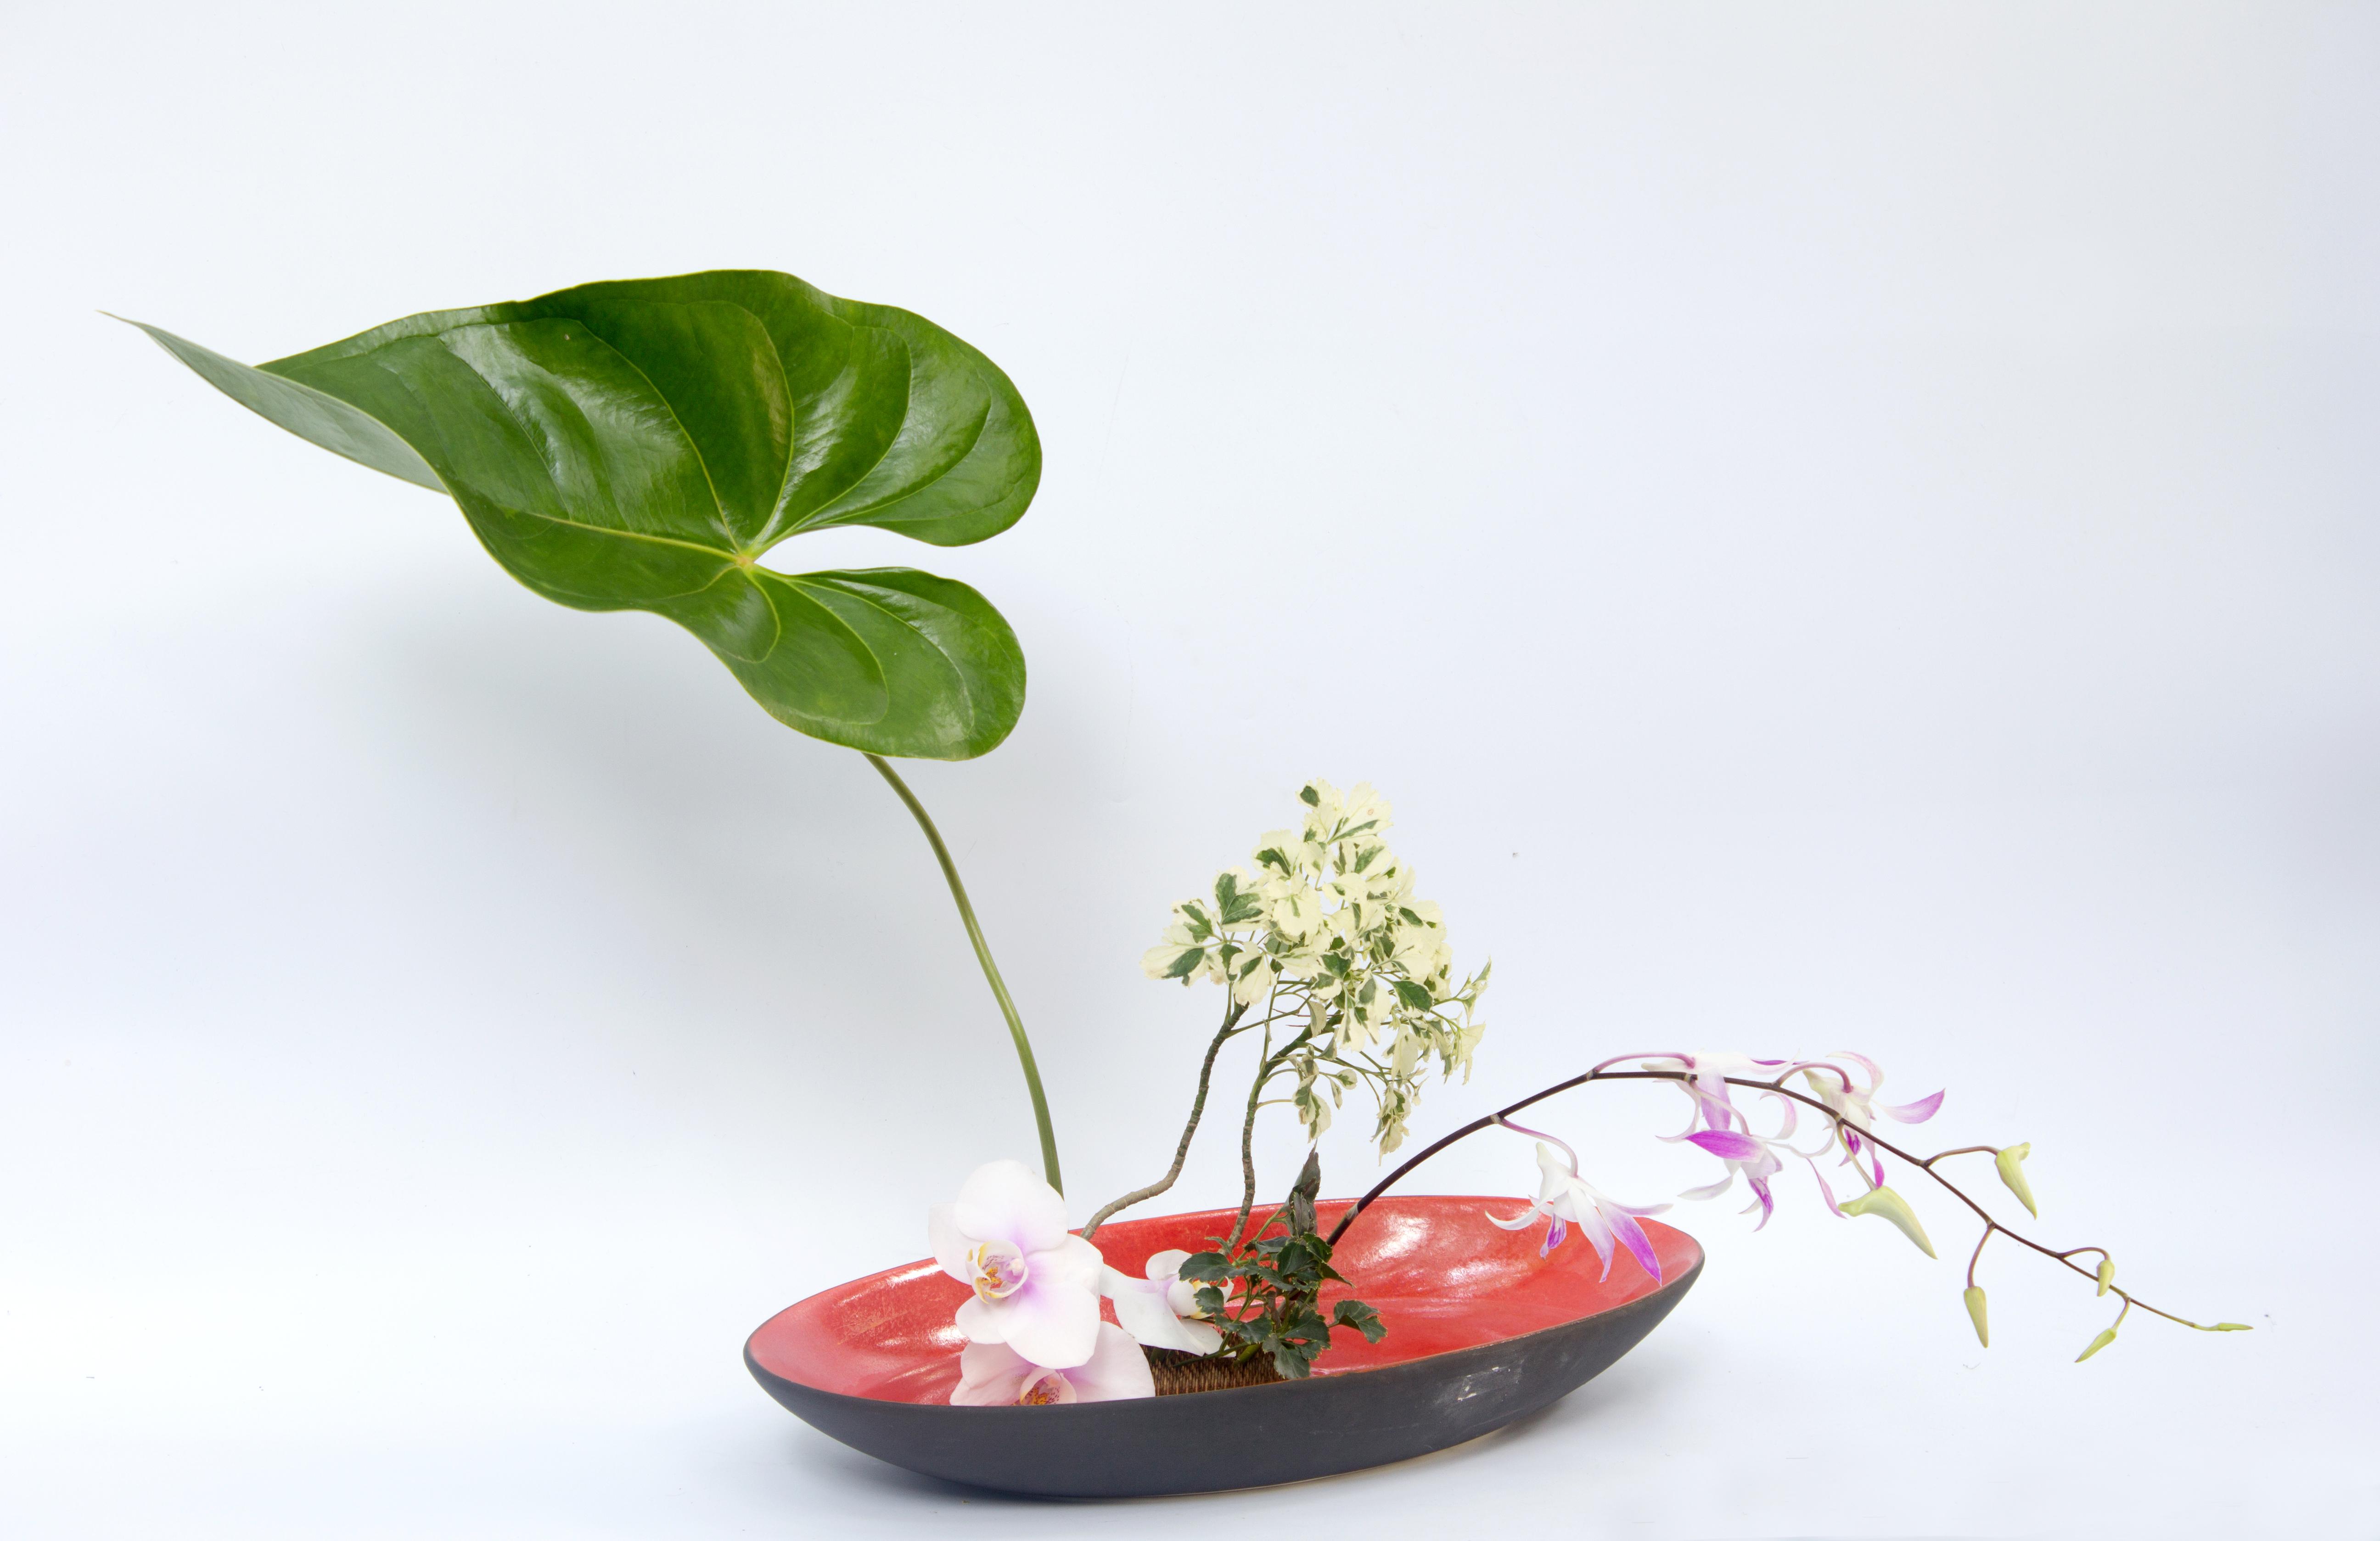 Creare Composizioni Per Natale le magiche composizioni dell'ikebana   fito